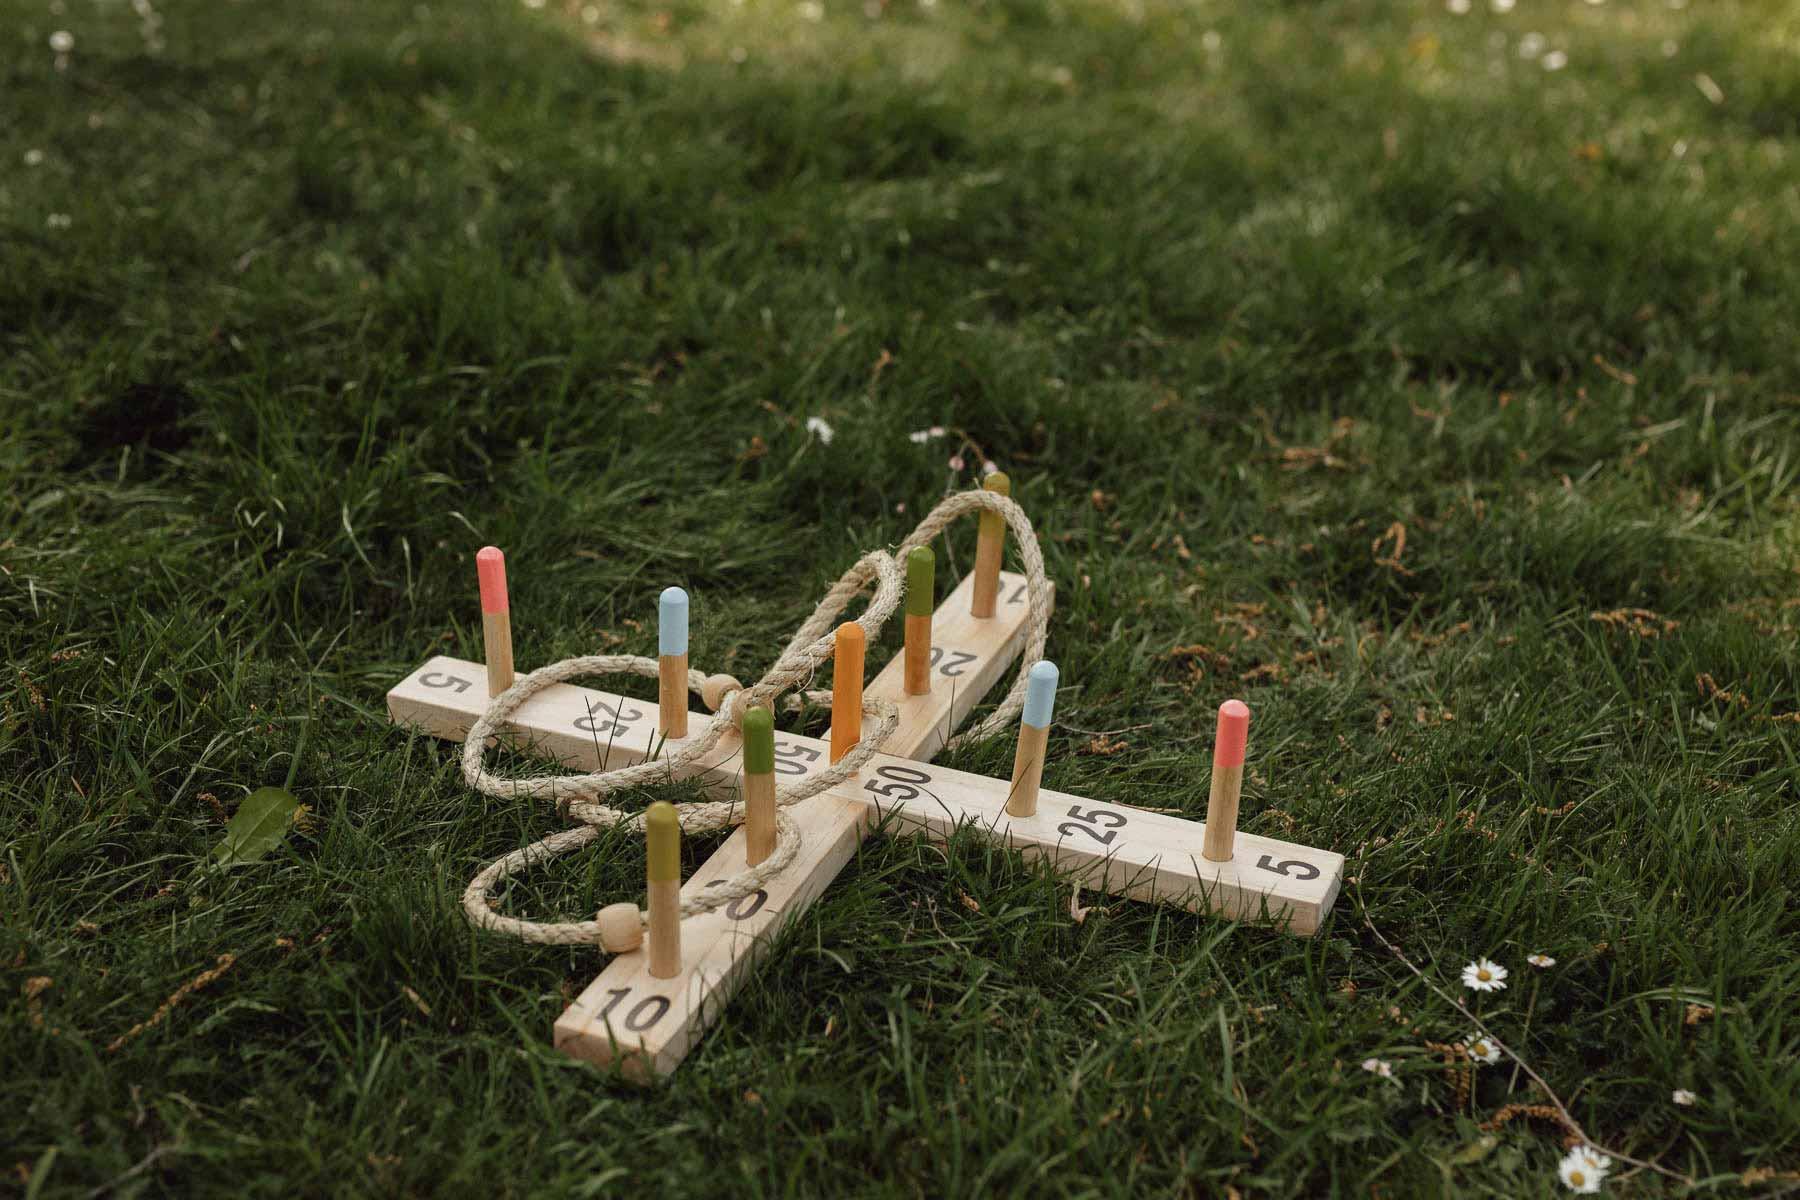 Kinder bei der Hochzeitsfeier: Outdoor Spielplatz mit Ringe werfen